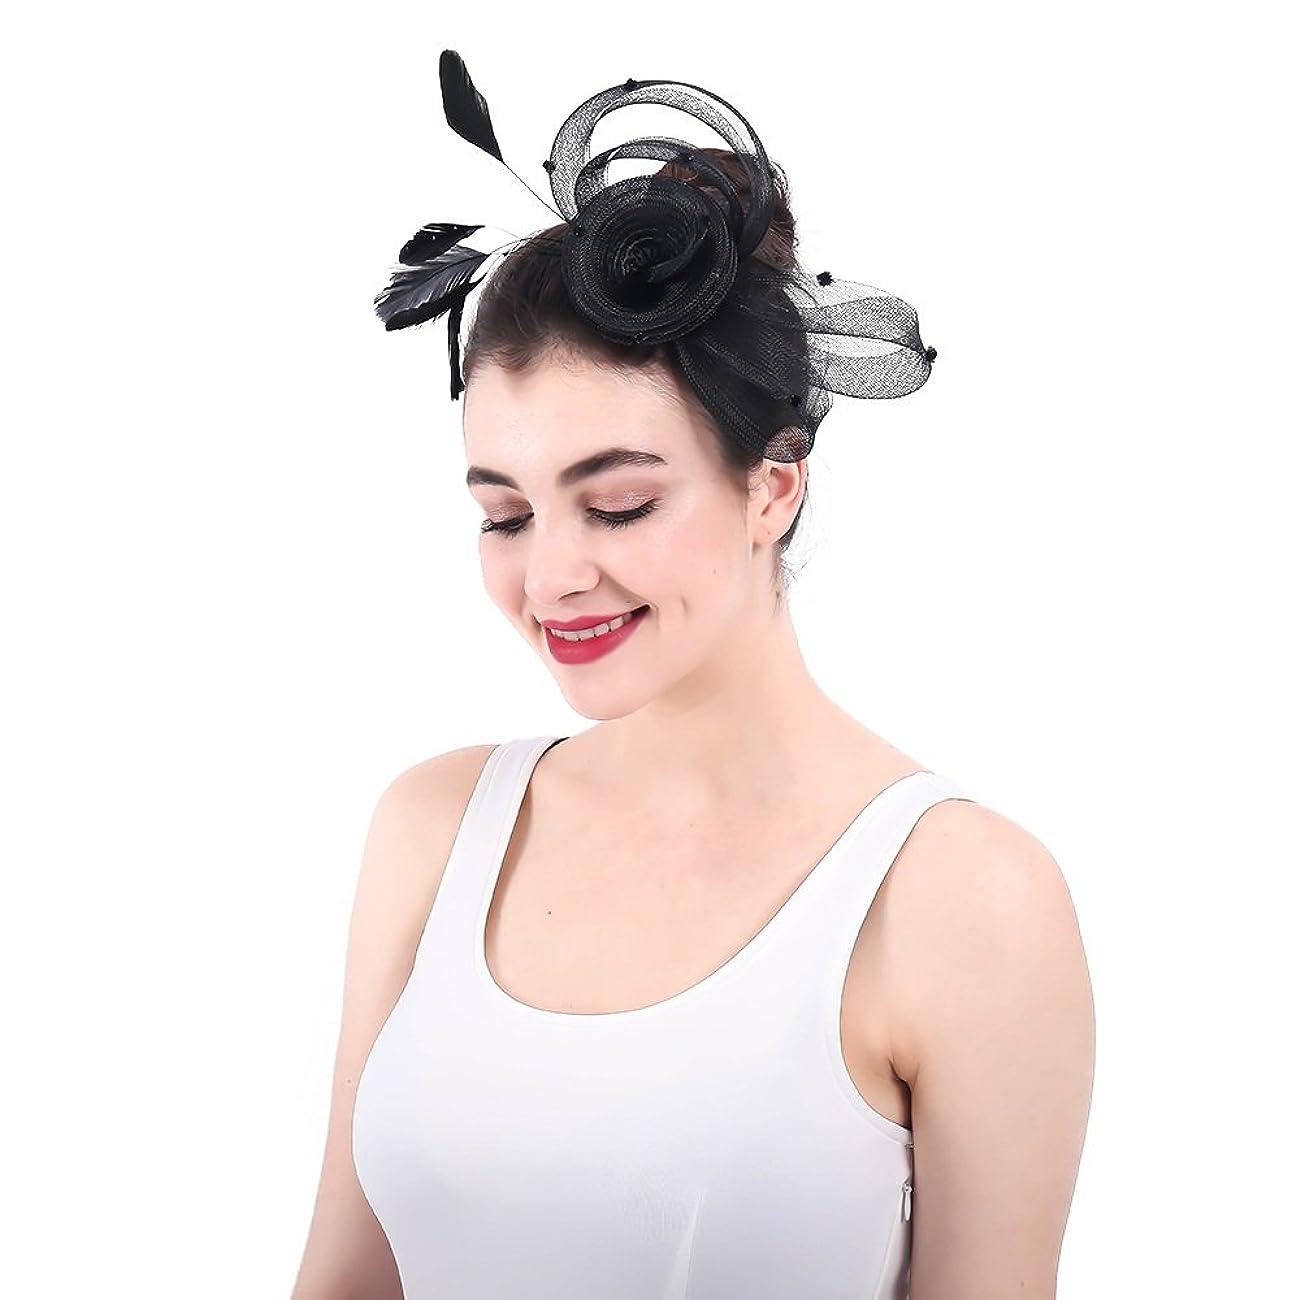 あなたは戦略置くためにパック女性の魅力的な帽子 女性ライトシナマイ魅力的なヘアクリップアクセサリーウェディングカクテルティーパーティー